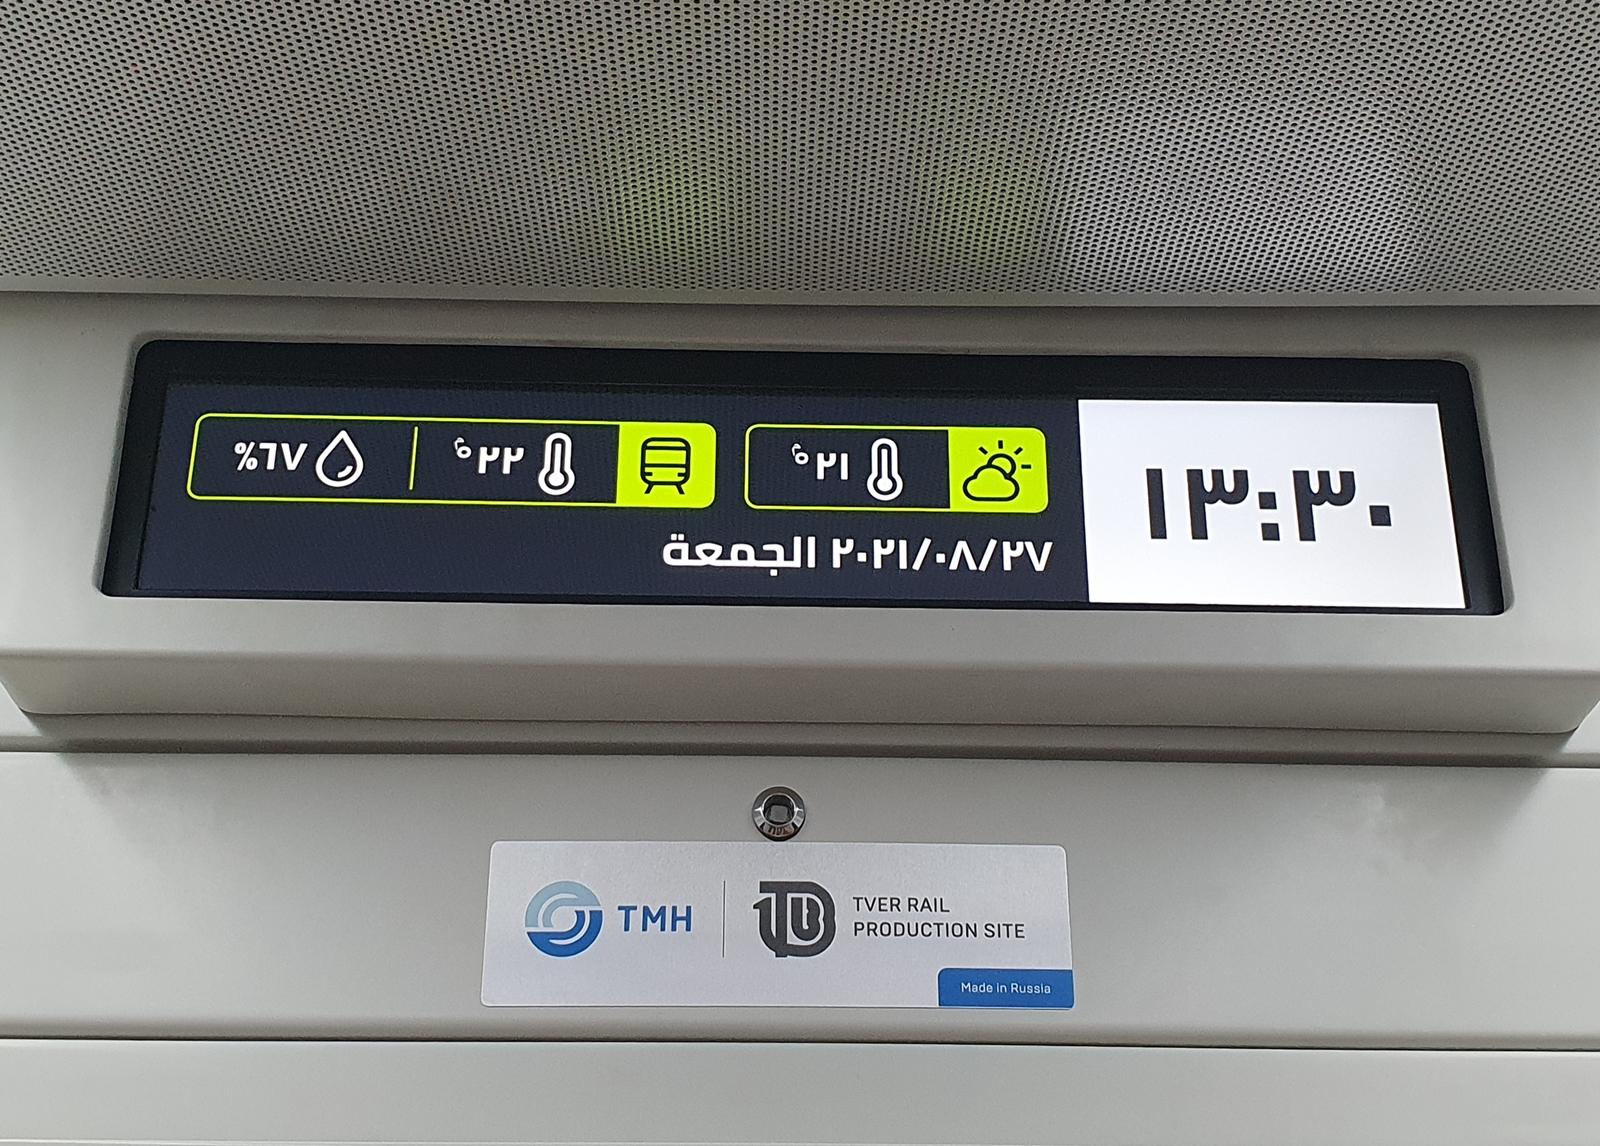 Az utastájékoztató rendszer többek között a külső és belső hőmérsékletet is mutatja